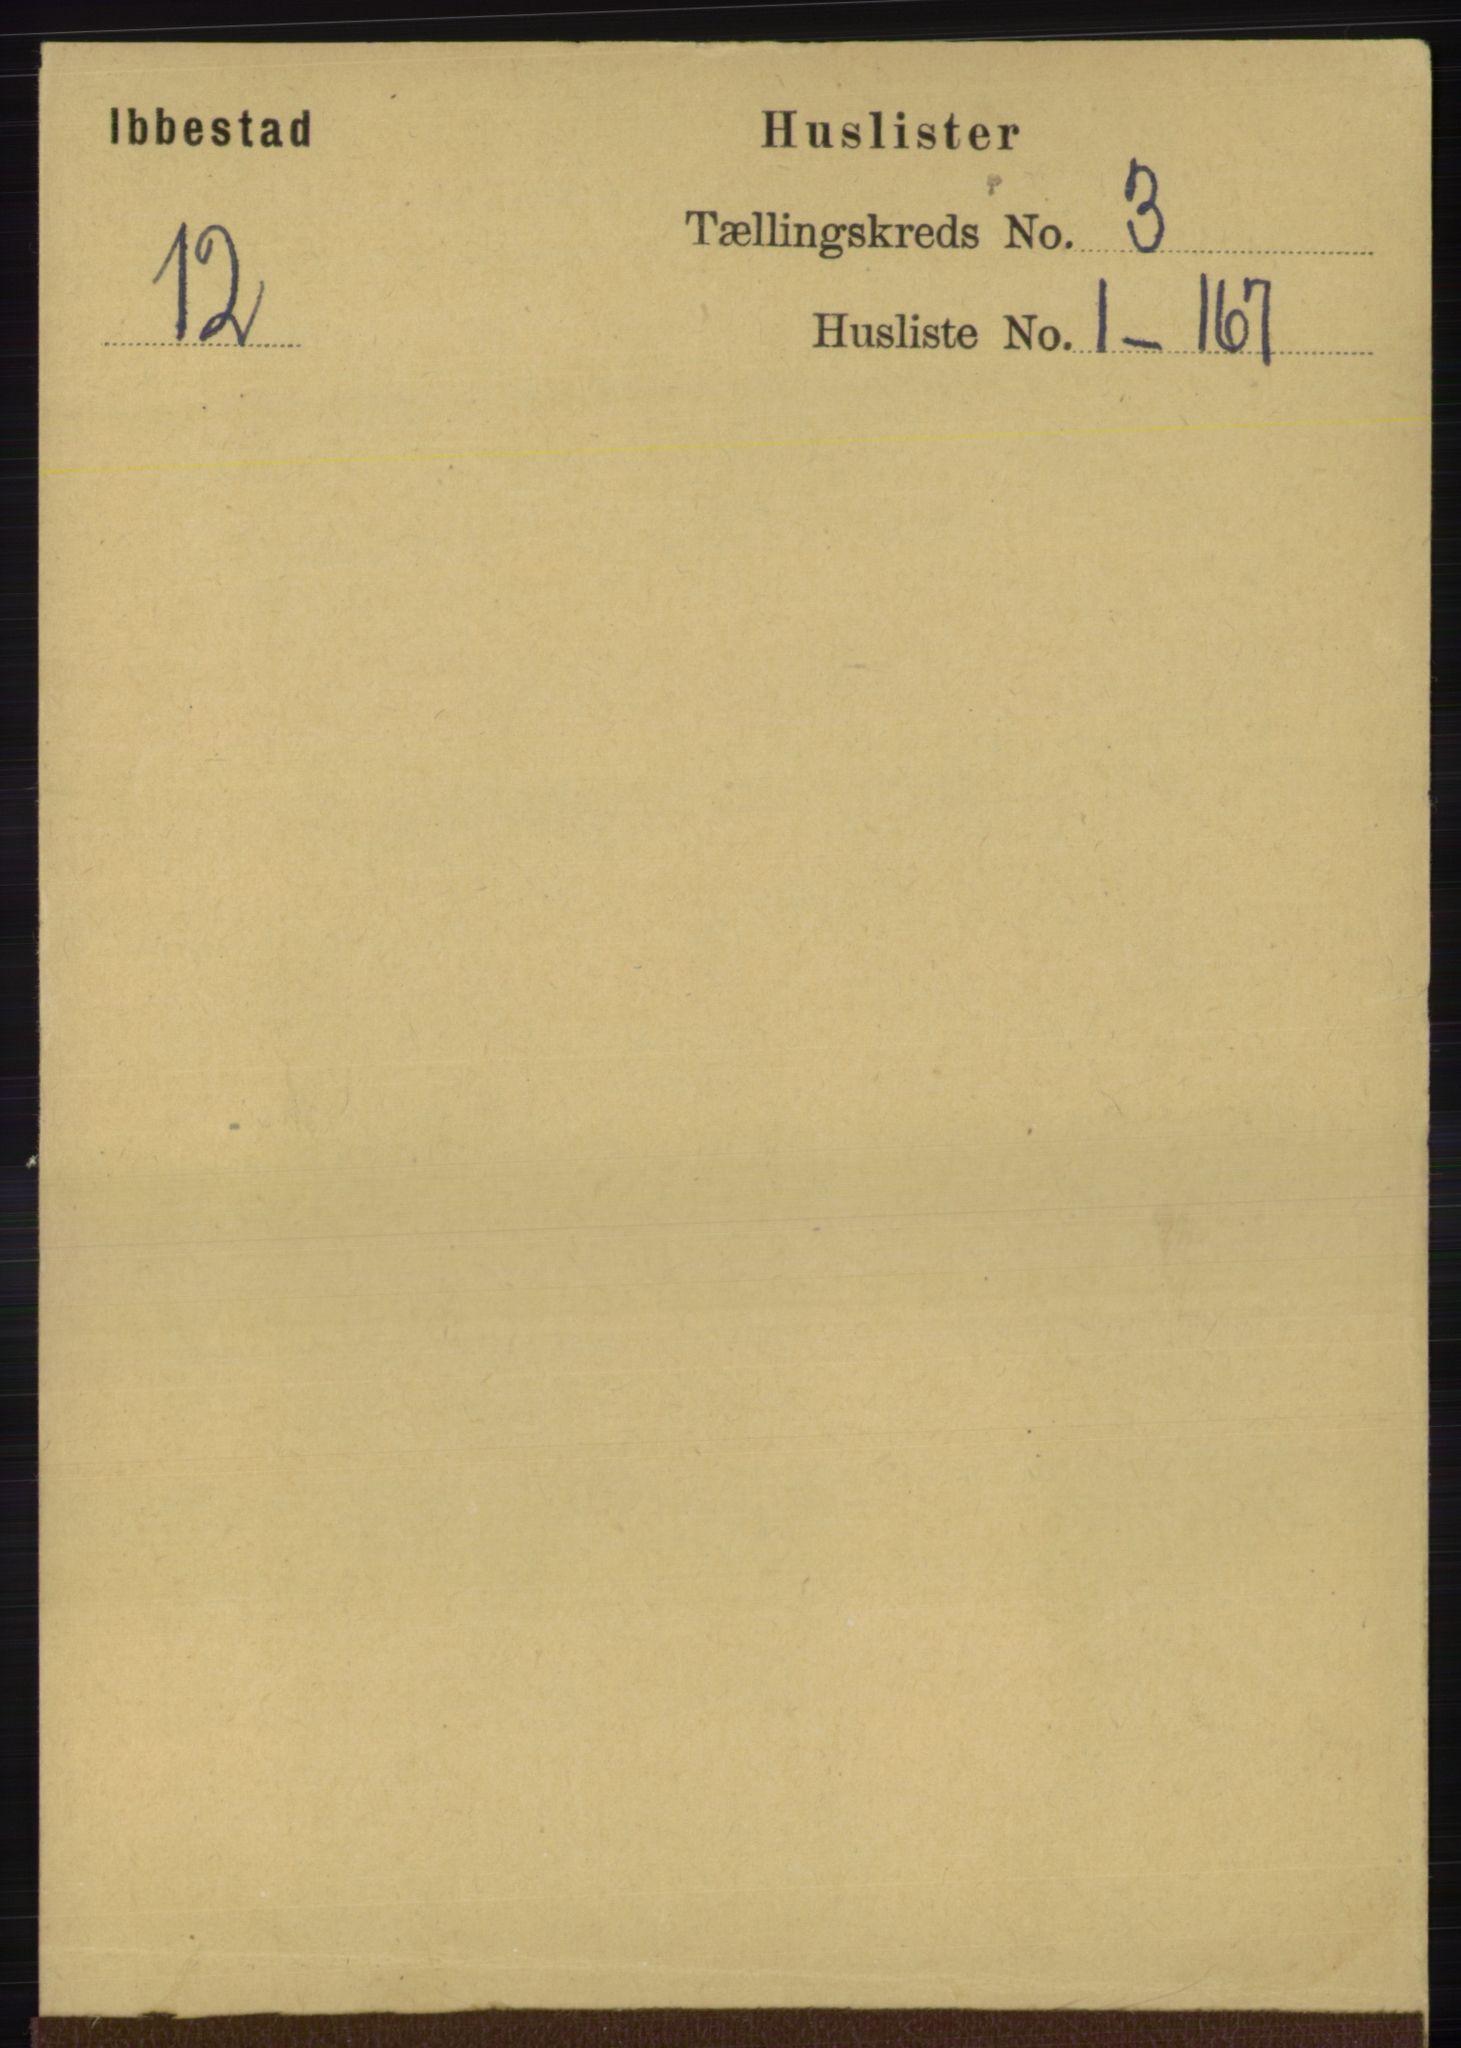 RA, Folketelling 1891 for 1917 Ibestad herred, 1891, s. 1545